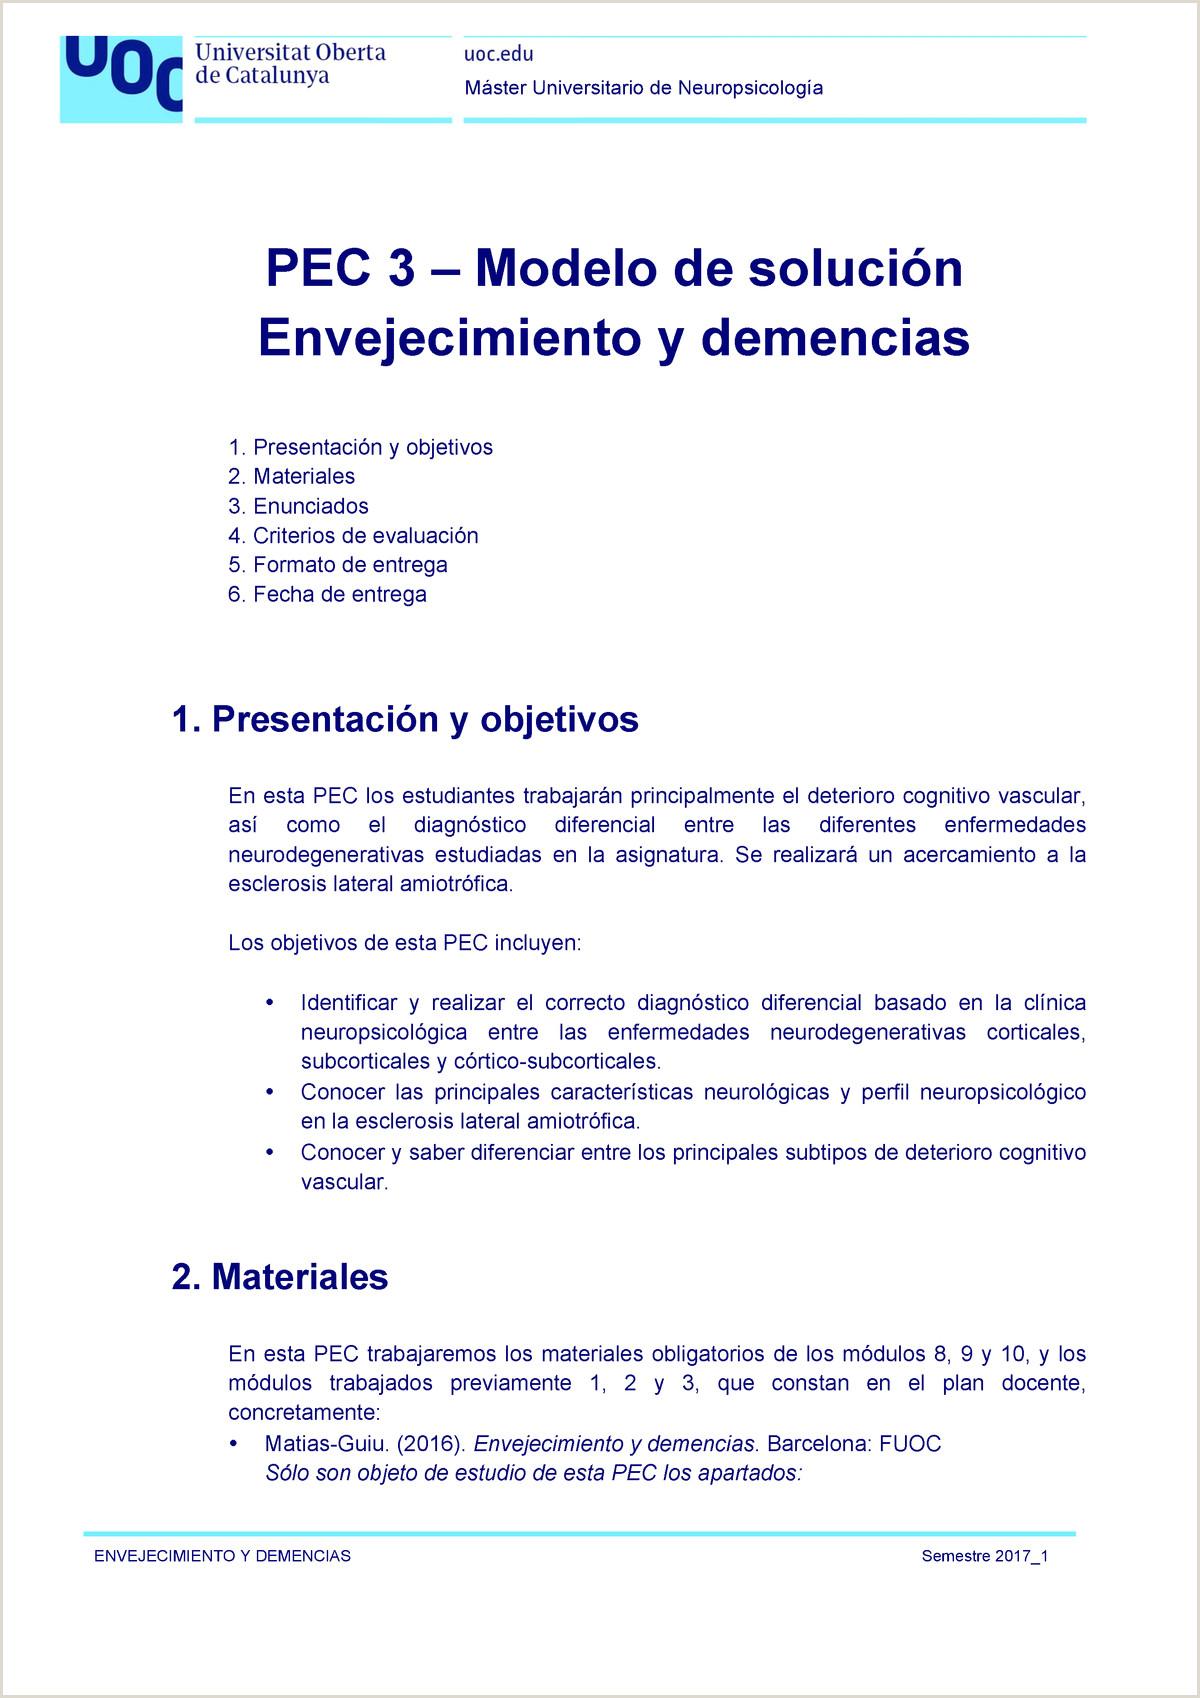 M0 355 PEC 3 Solucion Envejecimiento y demencias 2017 1 2